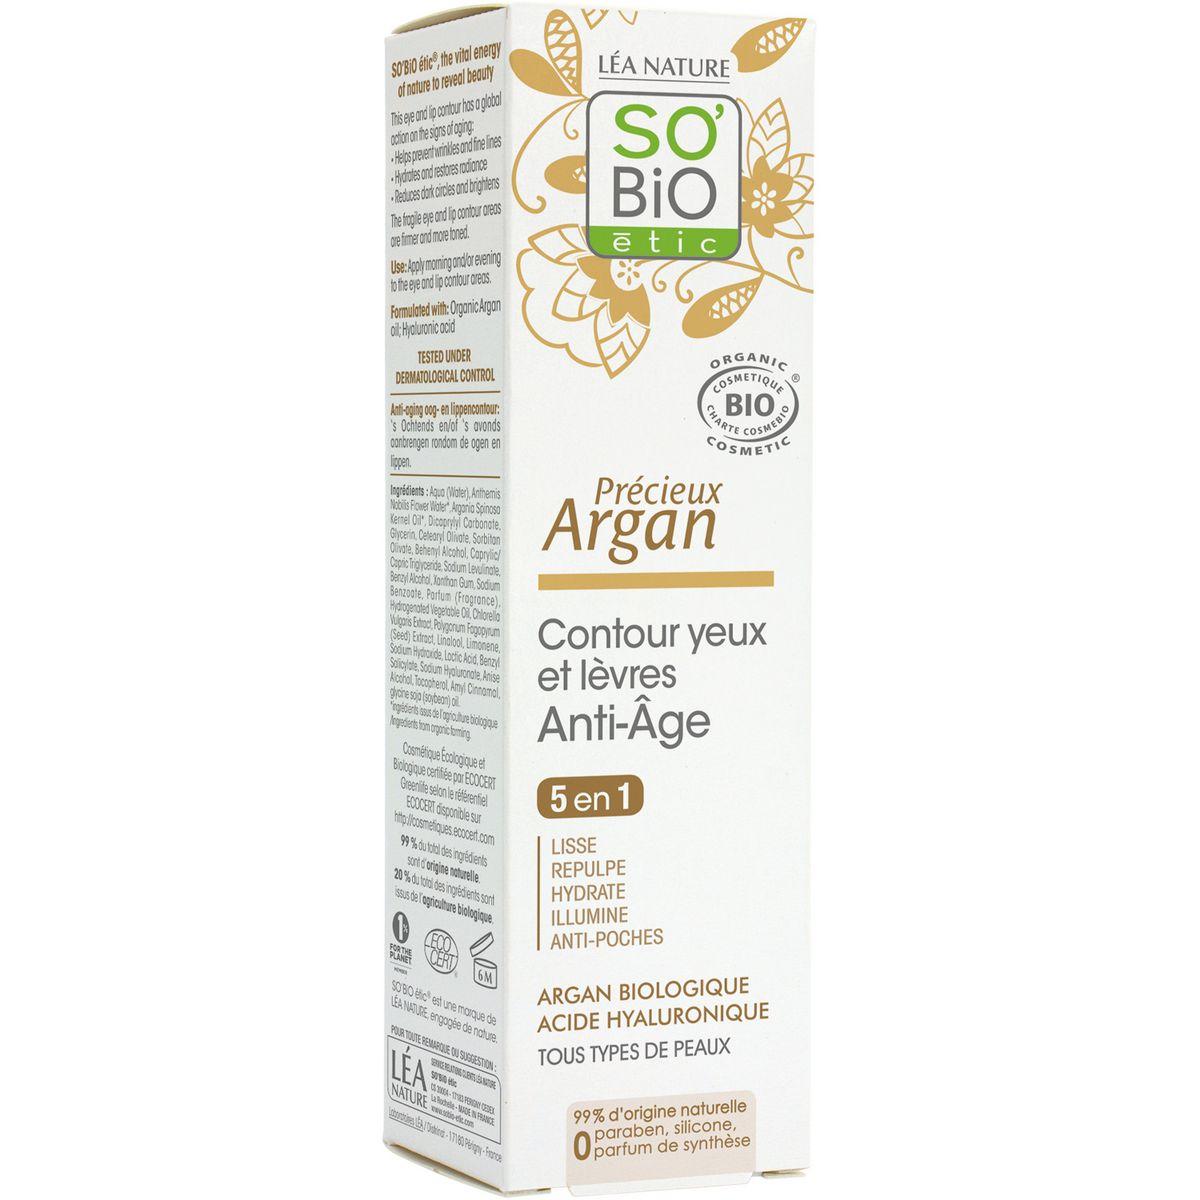 So'Bio étic Contour yeux et lèvres anti-age 5en1 tous types de peaux 15ml